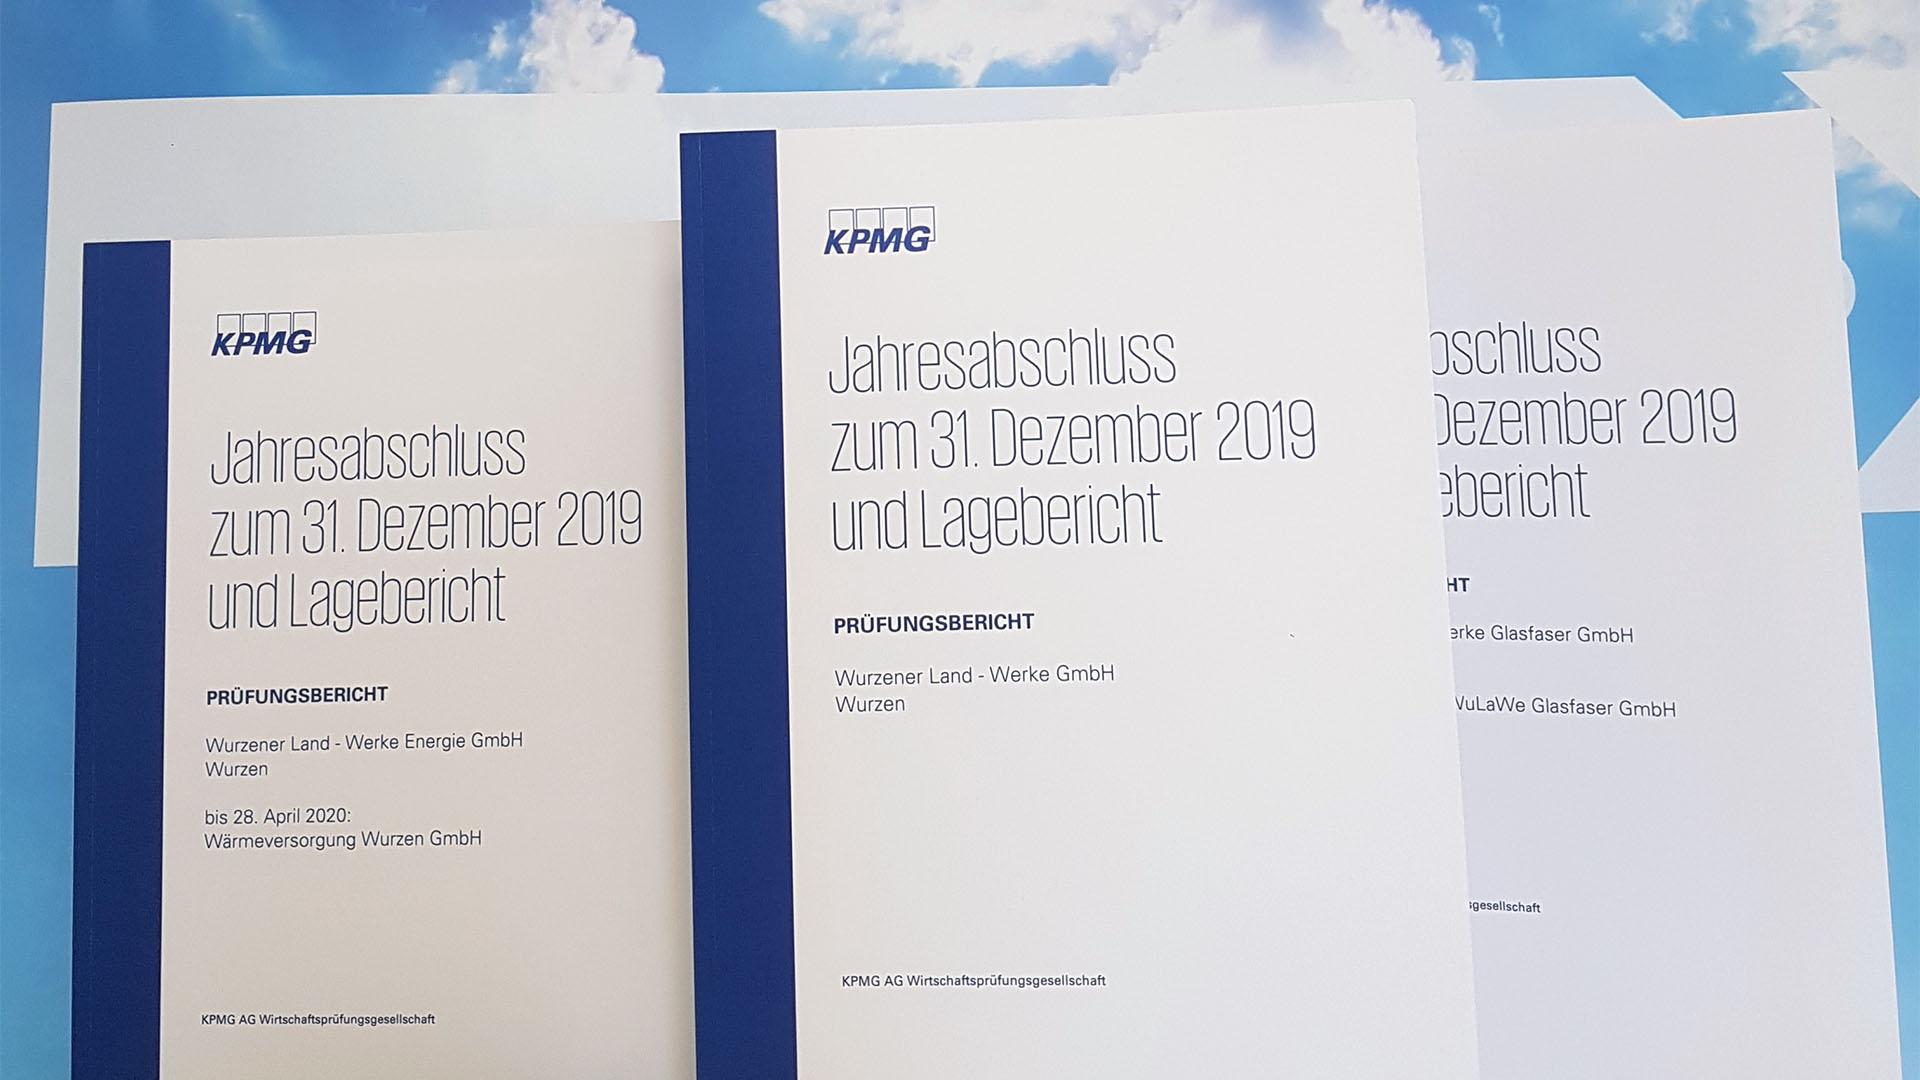 Prüfungsbericht der KPMG zum Jahresabschluss 2019